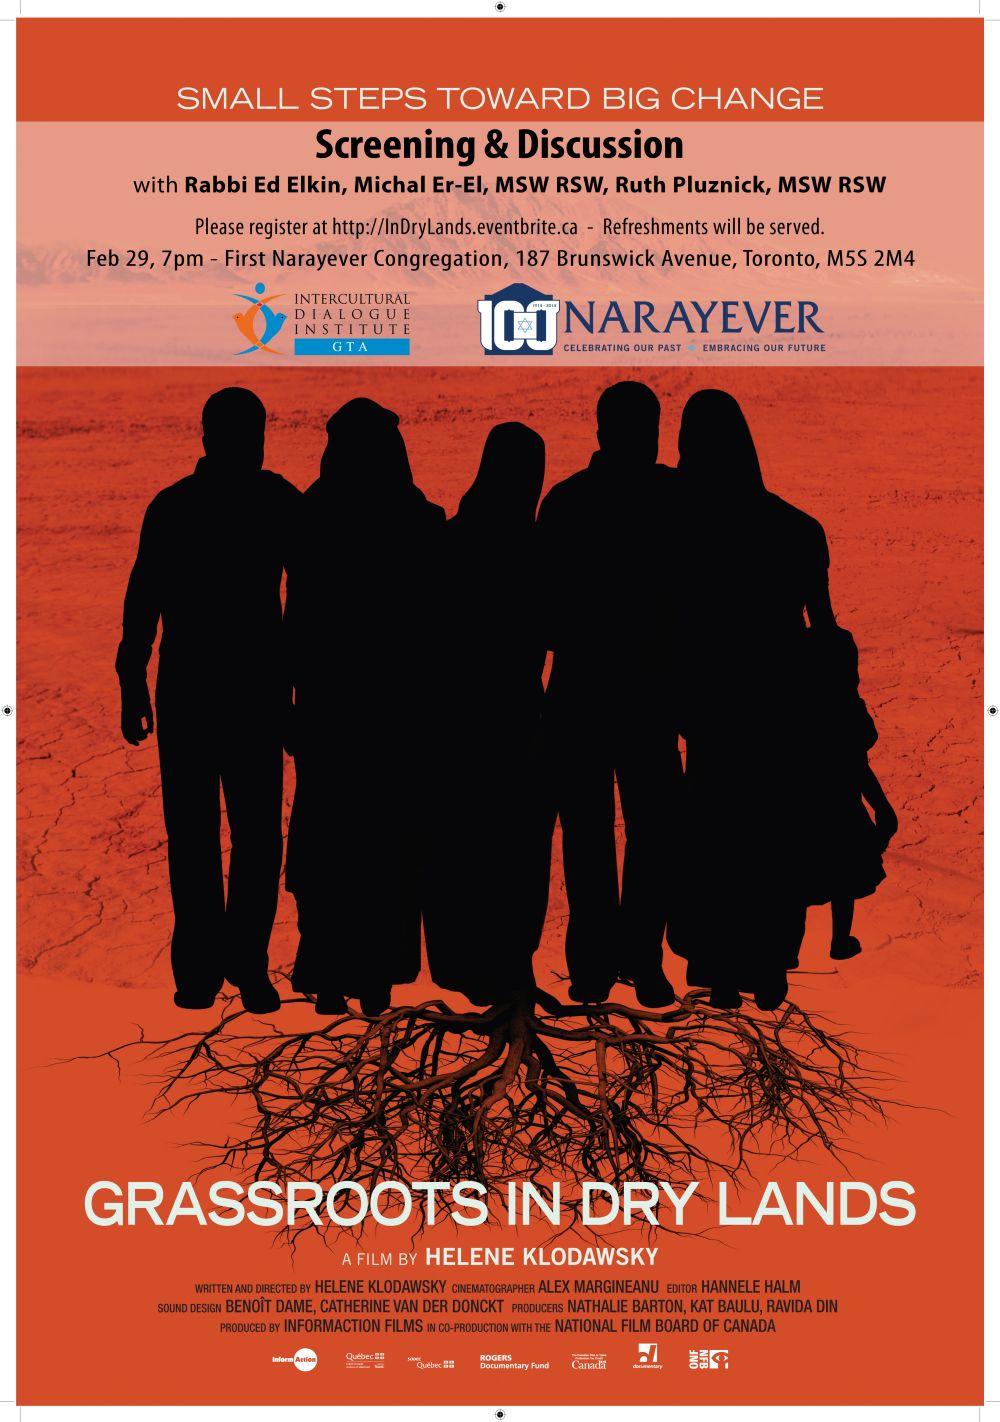 GrassrootsInDryLands